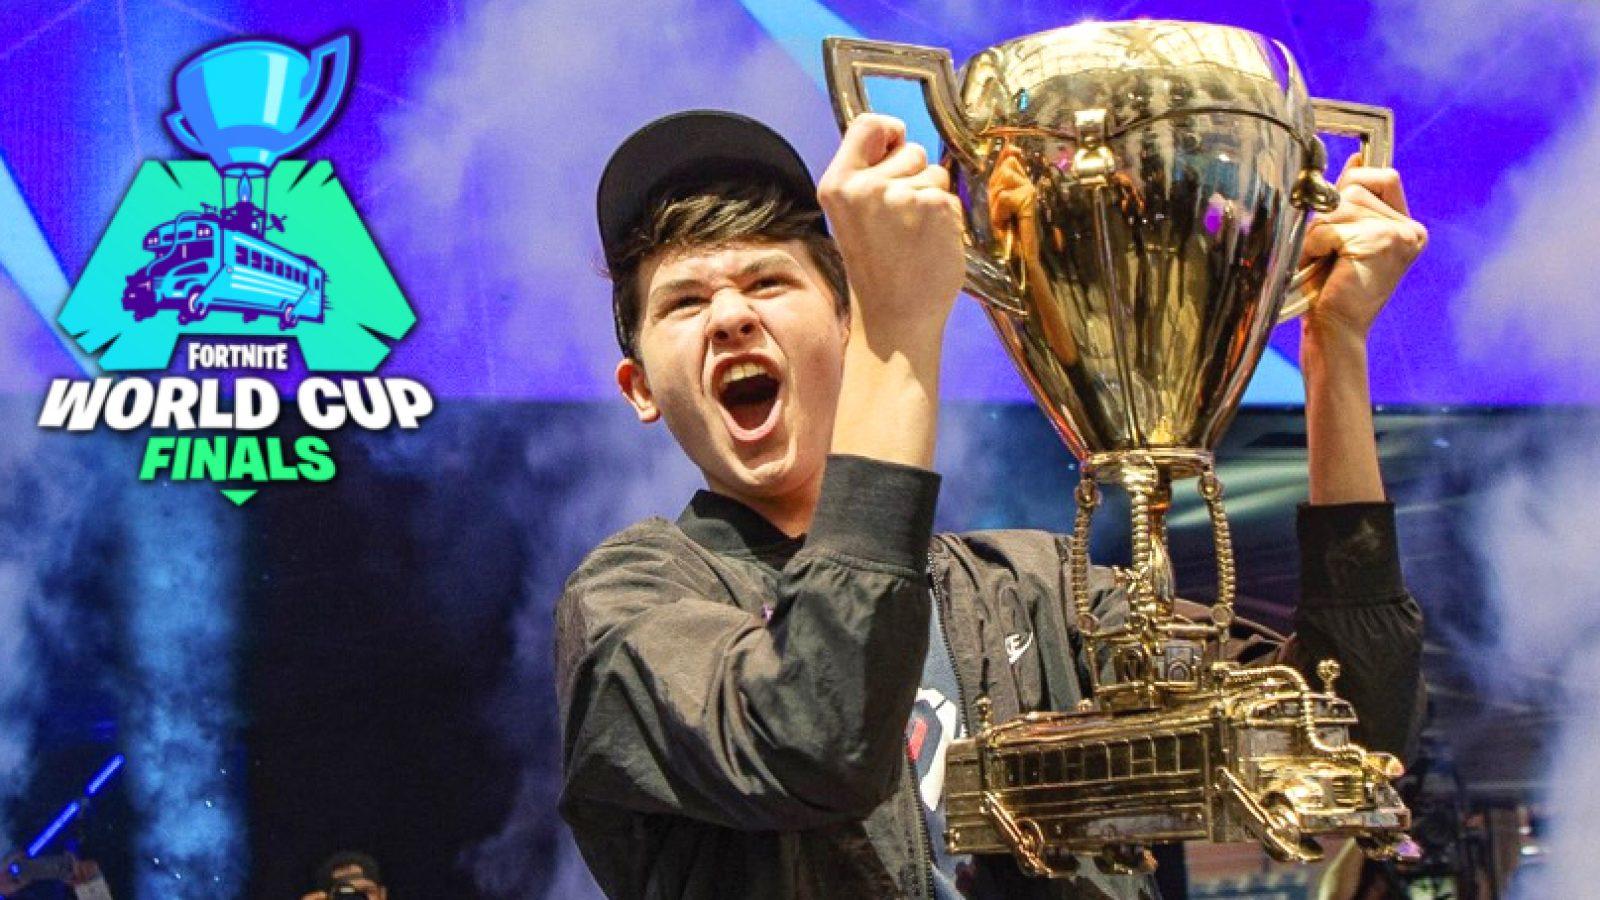 16 urteko nerabe Fortnite Munduko Kopan 3 milioi bat dolar irabazi zituen!